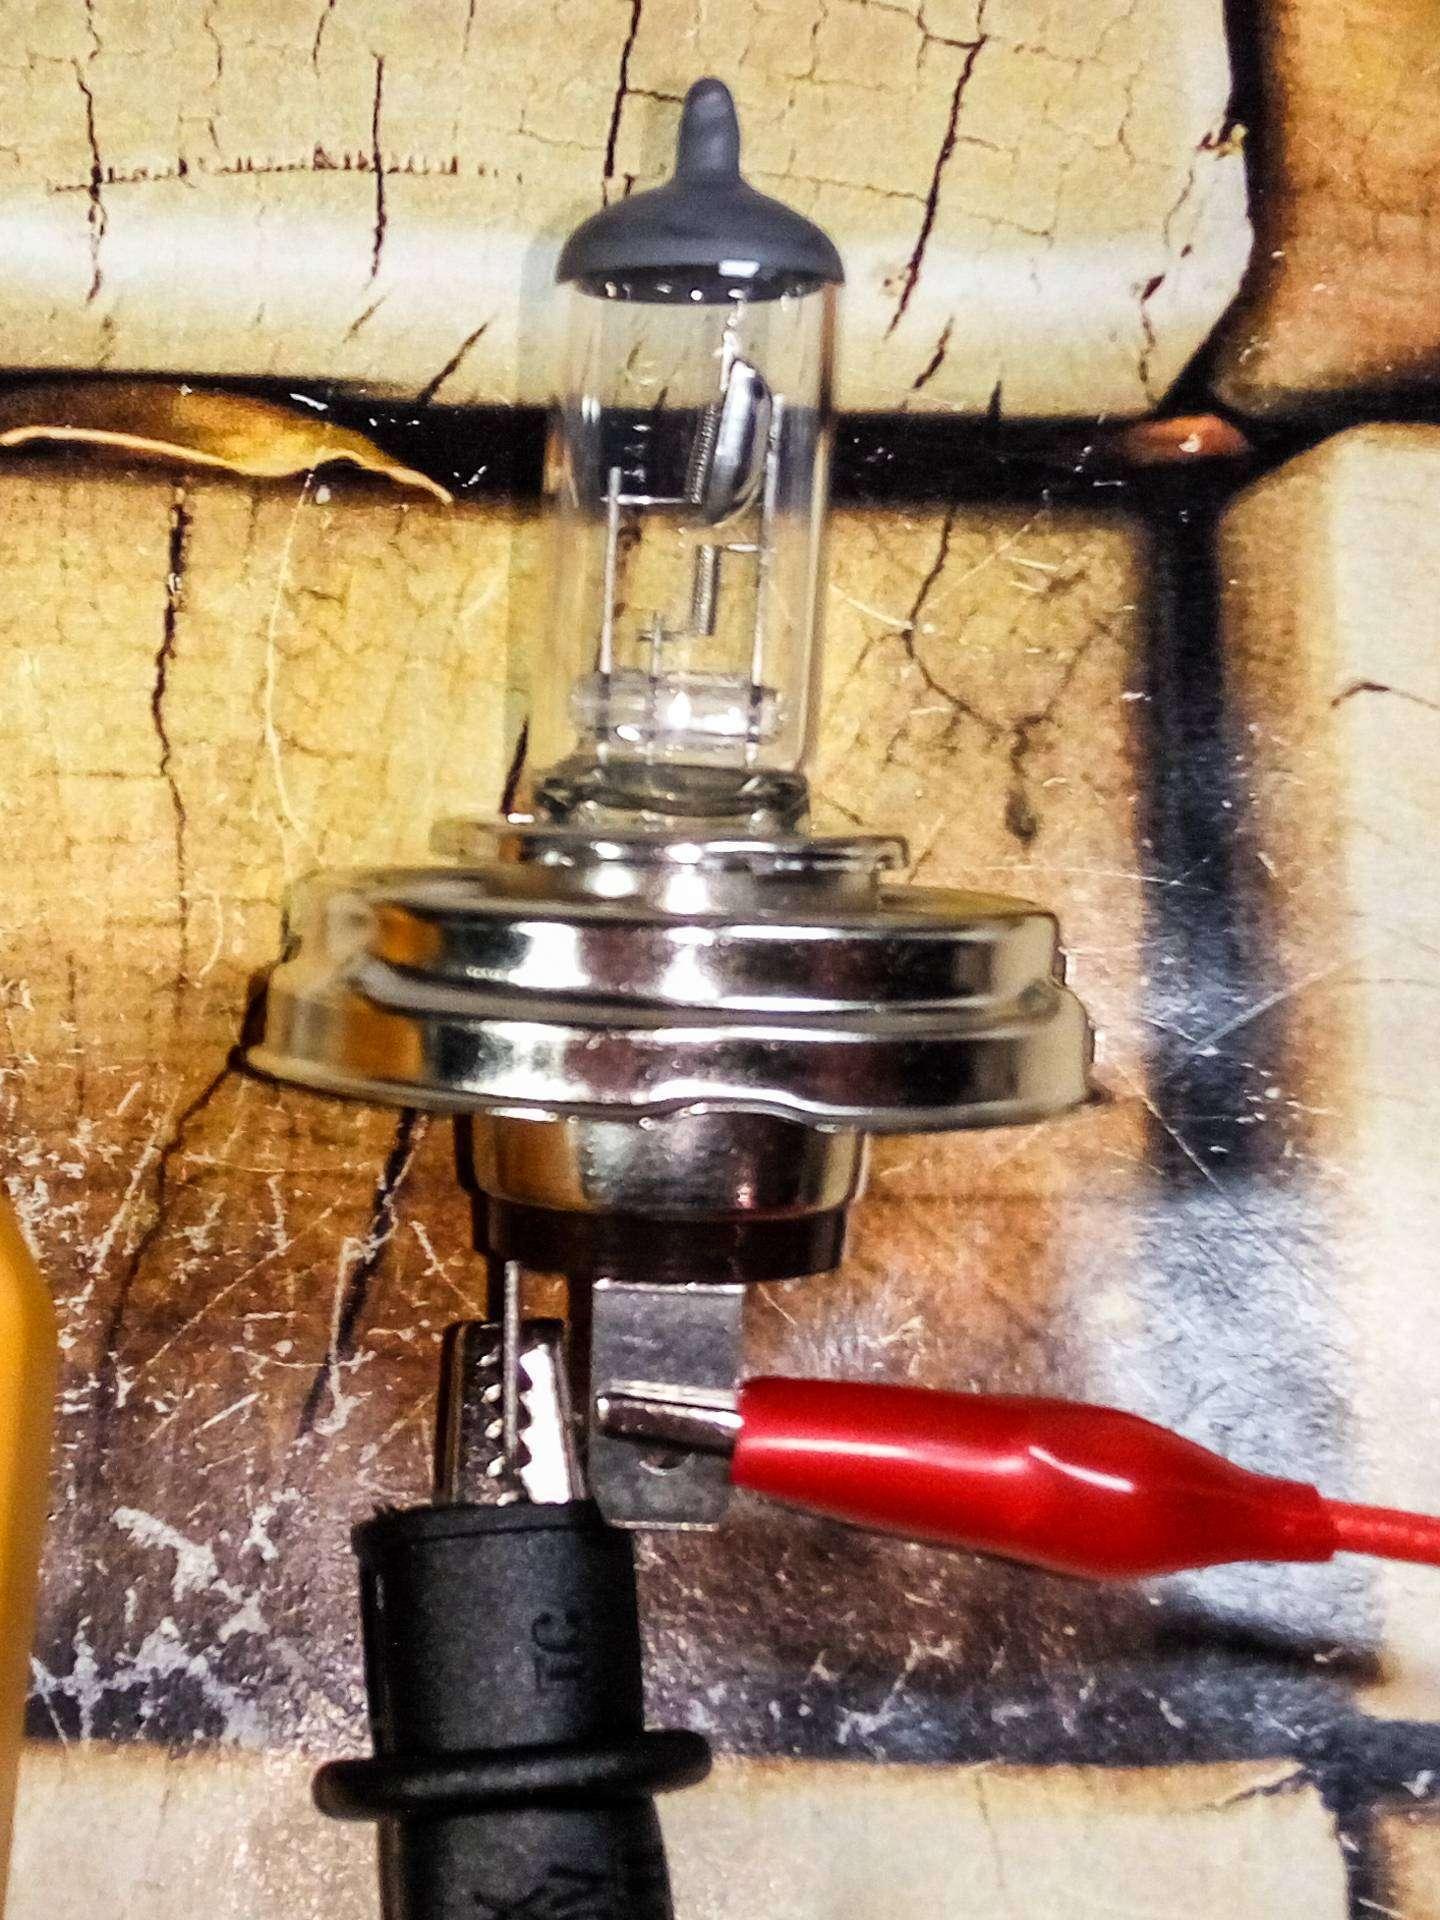 Aliexpress: Автомобильные лампочки 24В 100 Вт в качестве нагрузки для тестов блоков питания